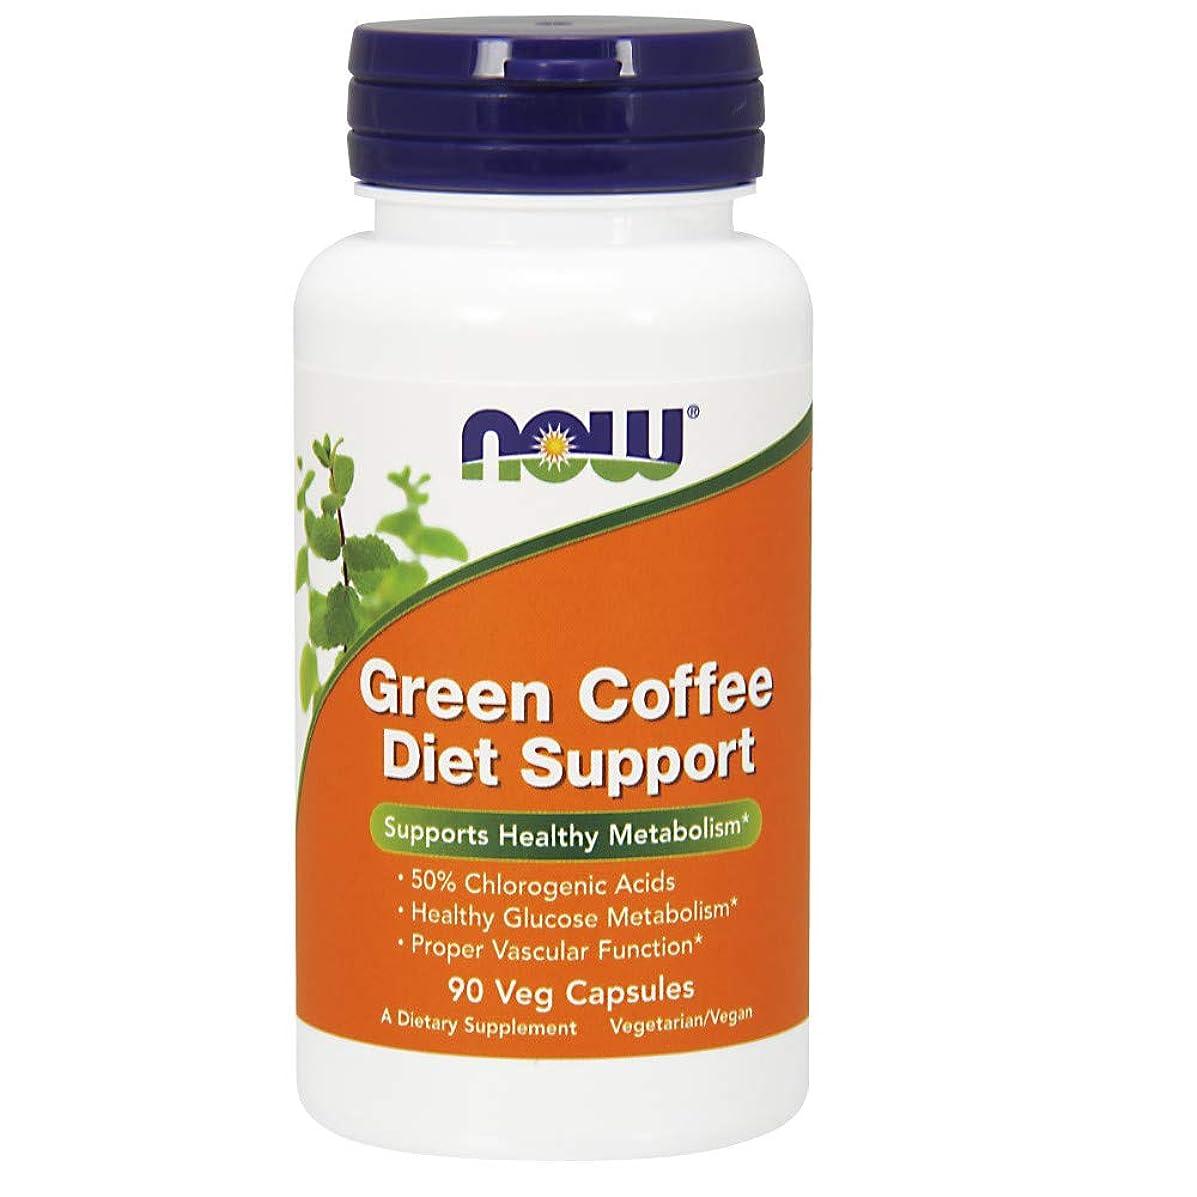 精神リフレッシュ始める[海外直送品] ナウフーズ グリーンコーヒー?ダイエットサポート 90Vcaps